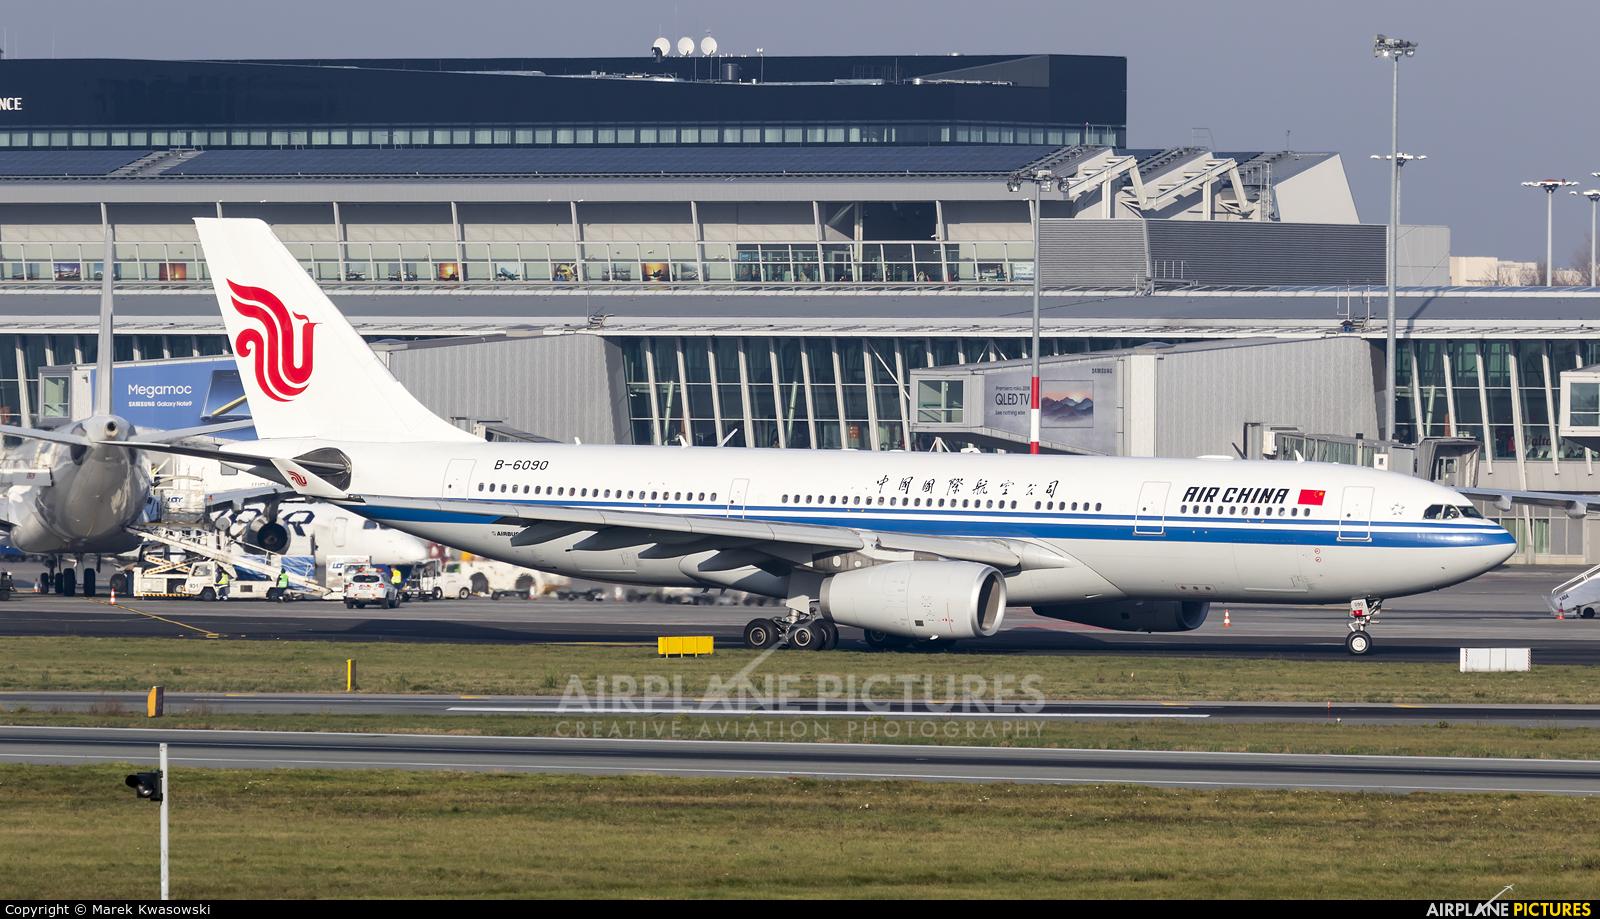 Air China B-6090 aircraft at Warsaw - Frederic Chopin